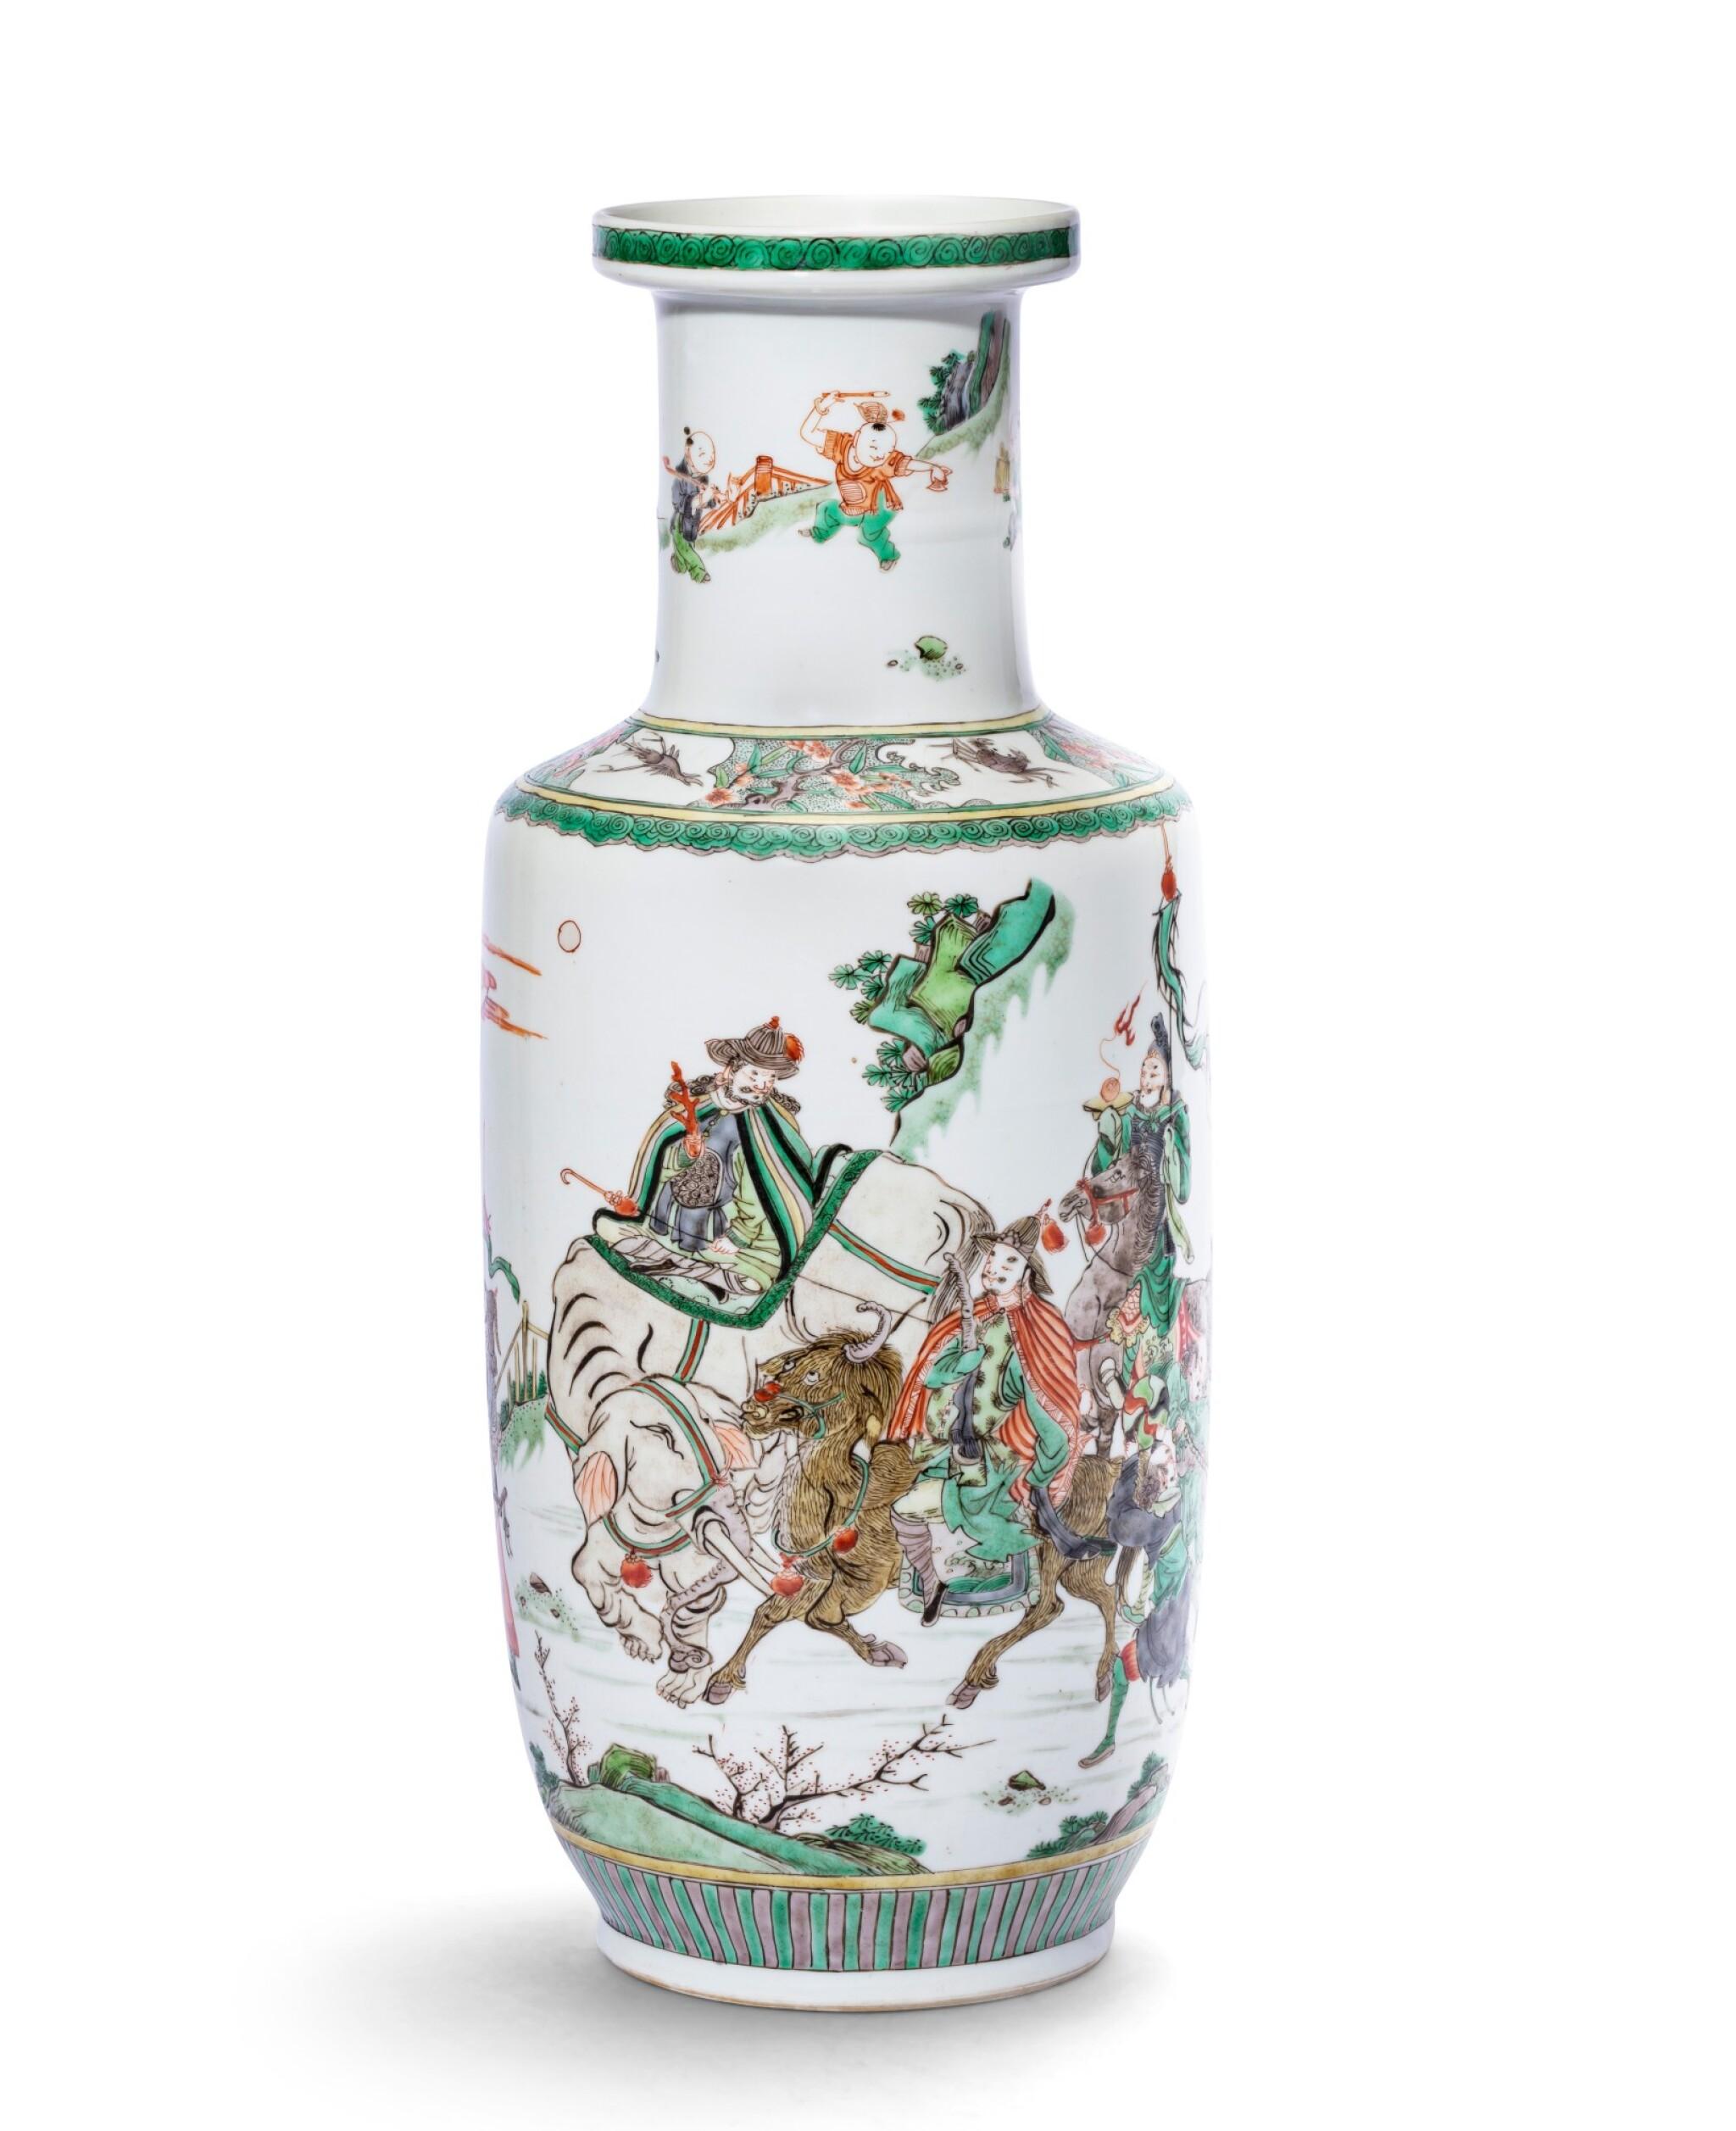 View 1 of Lot 223. Vase rouleau en porcelaine de la Famille Verte Dynastie Qing, époque Kangxi | 清康熙 五彩人物故事紋捧槌瓶 | A famille-verte 'Tribute Bearers' rouleau vase, Qing Dynasty, Kangxi period.